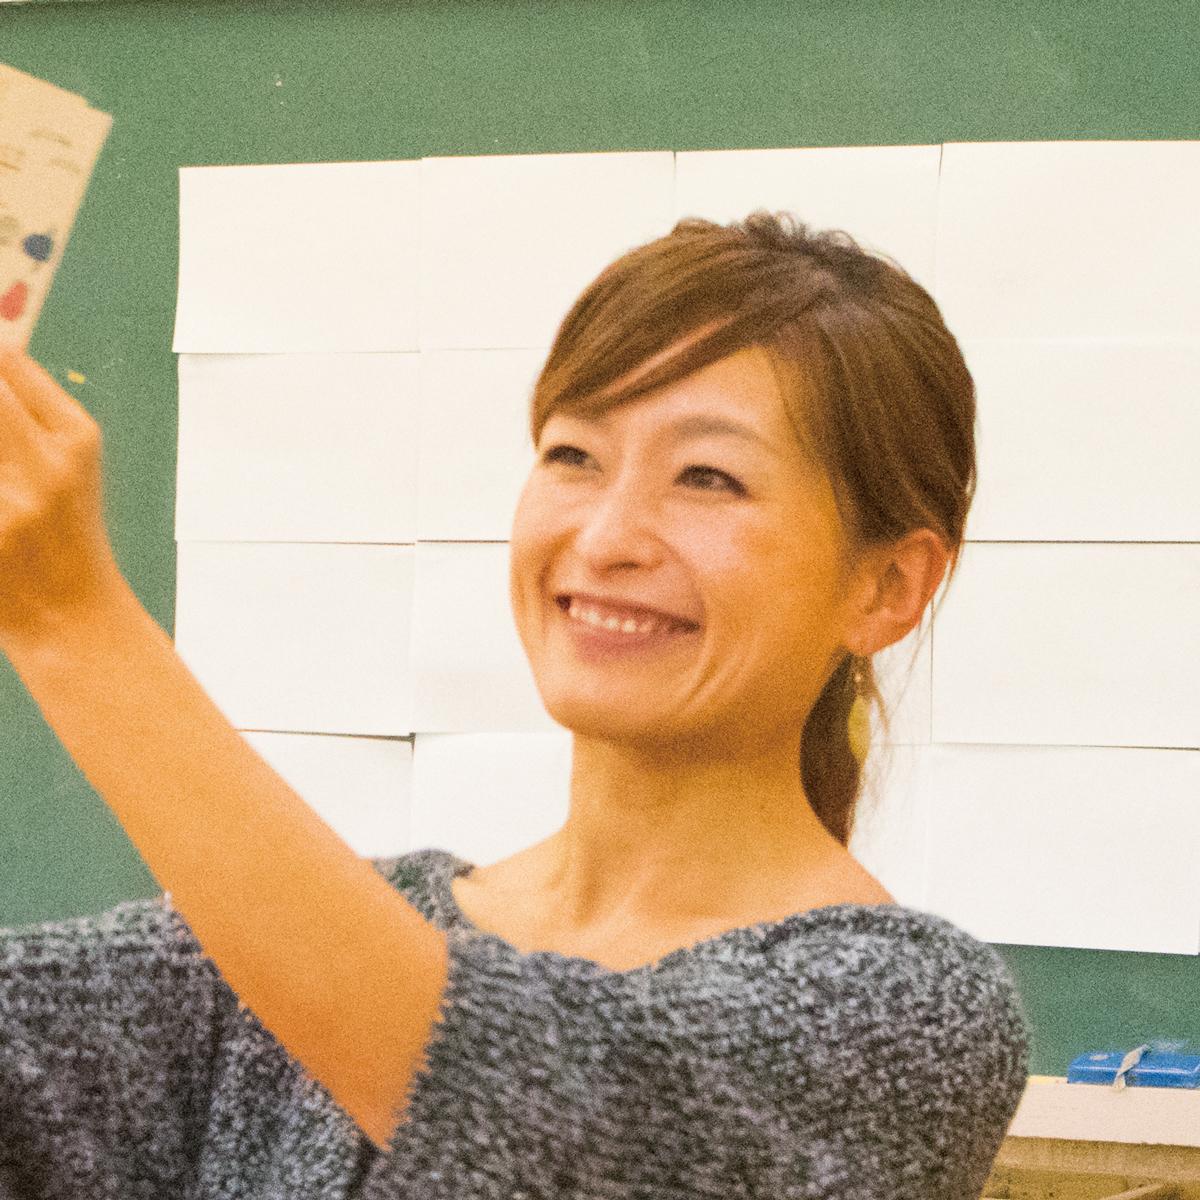 鈴木 歩先生